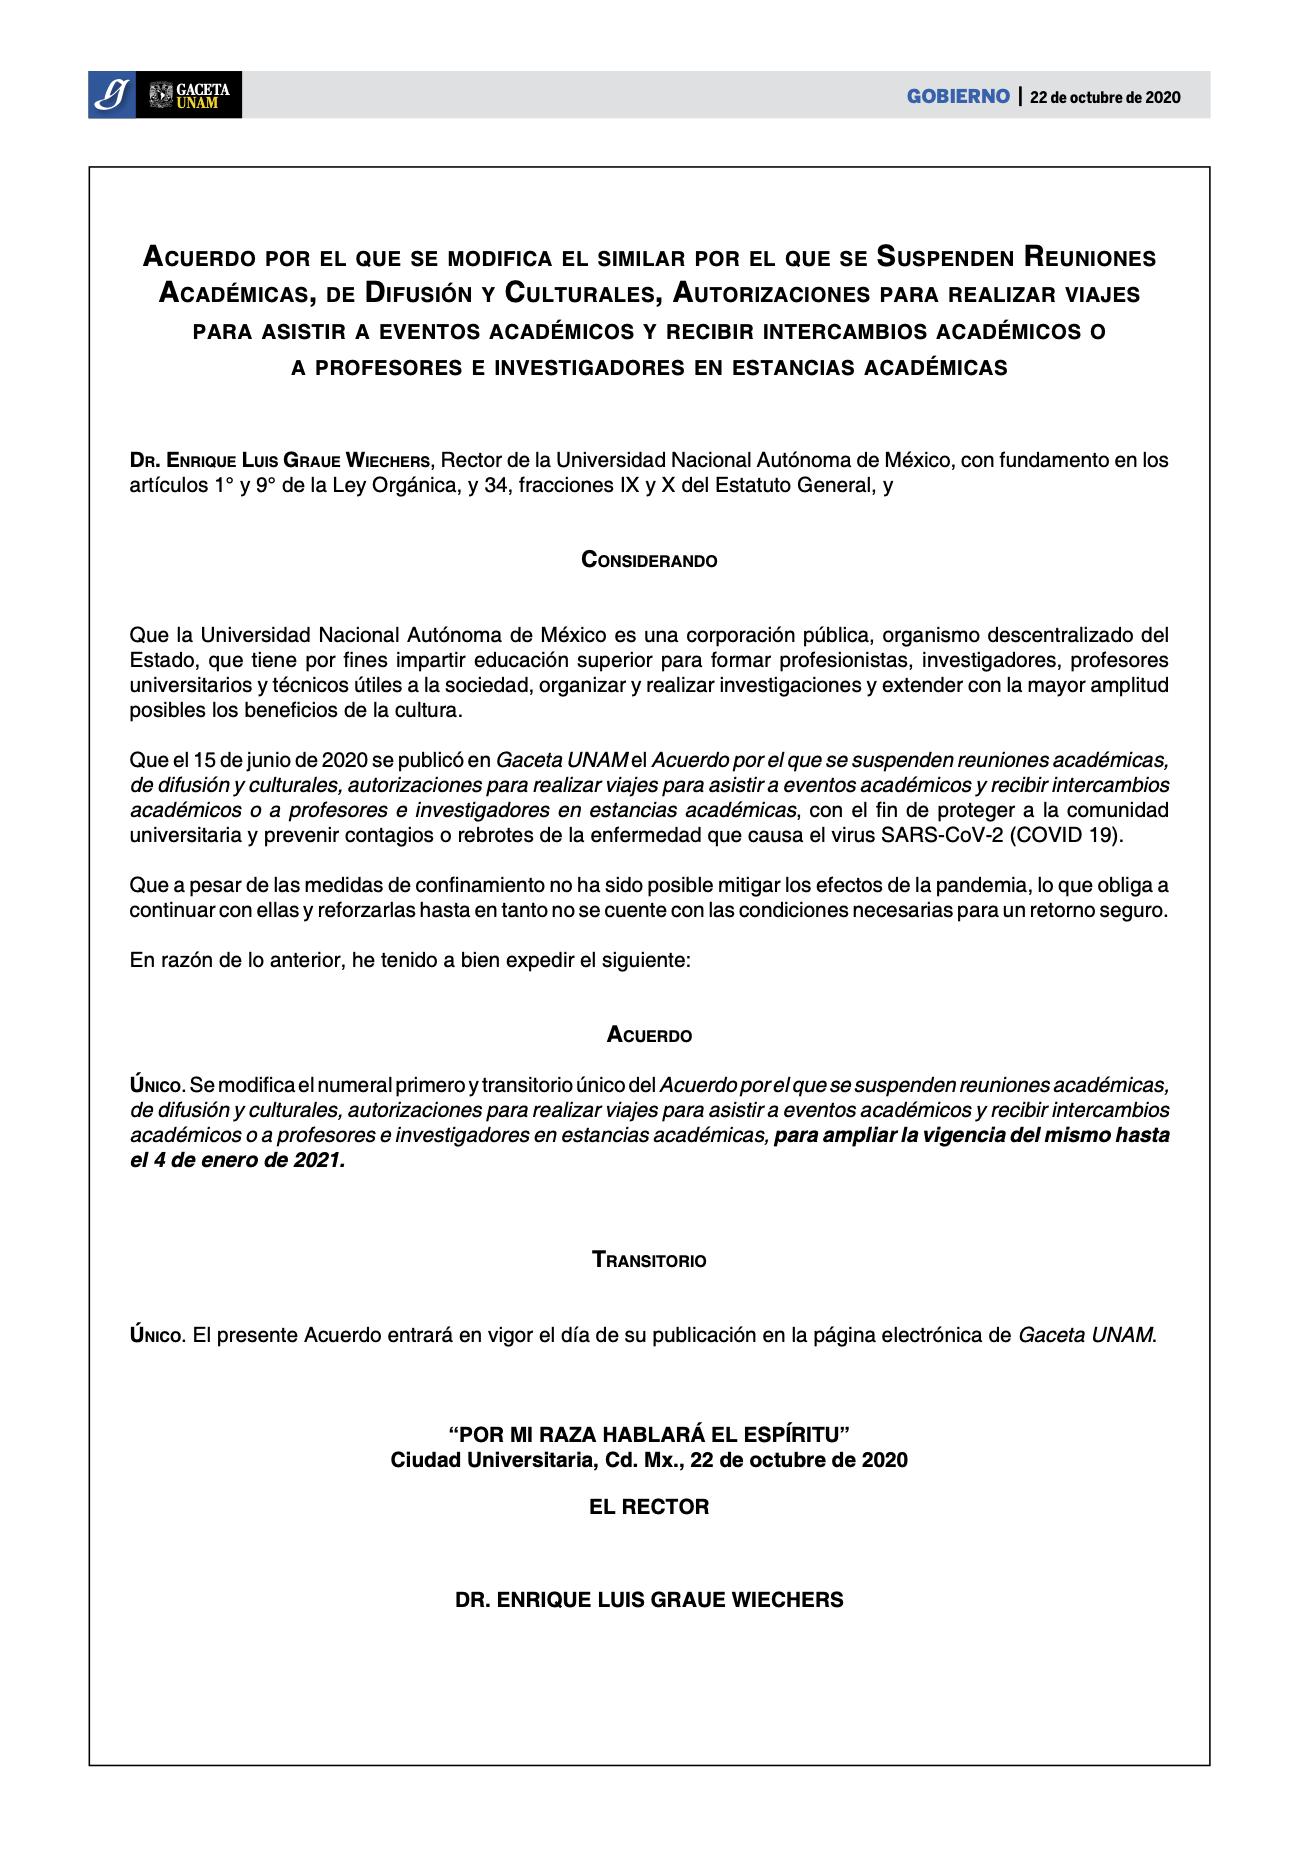 acuerdo suspenden actividades académicas 2020  oct 22